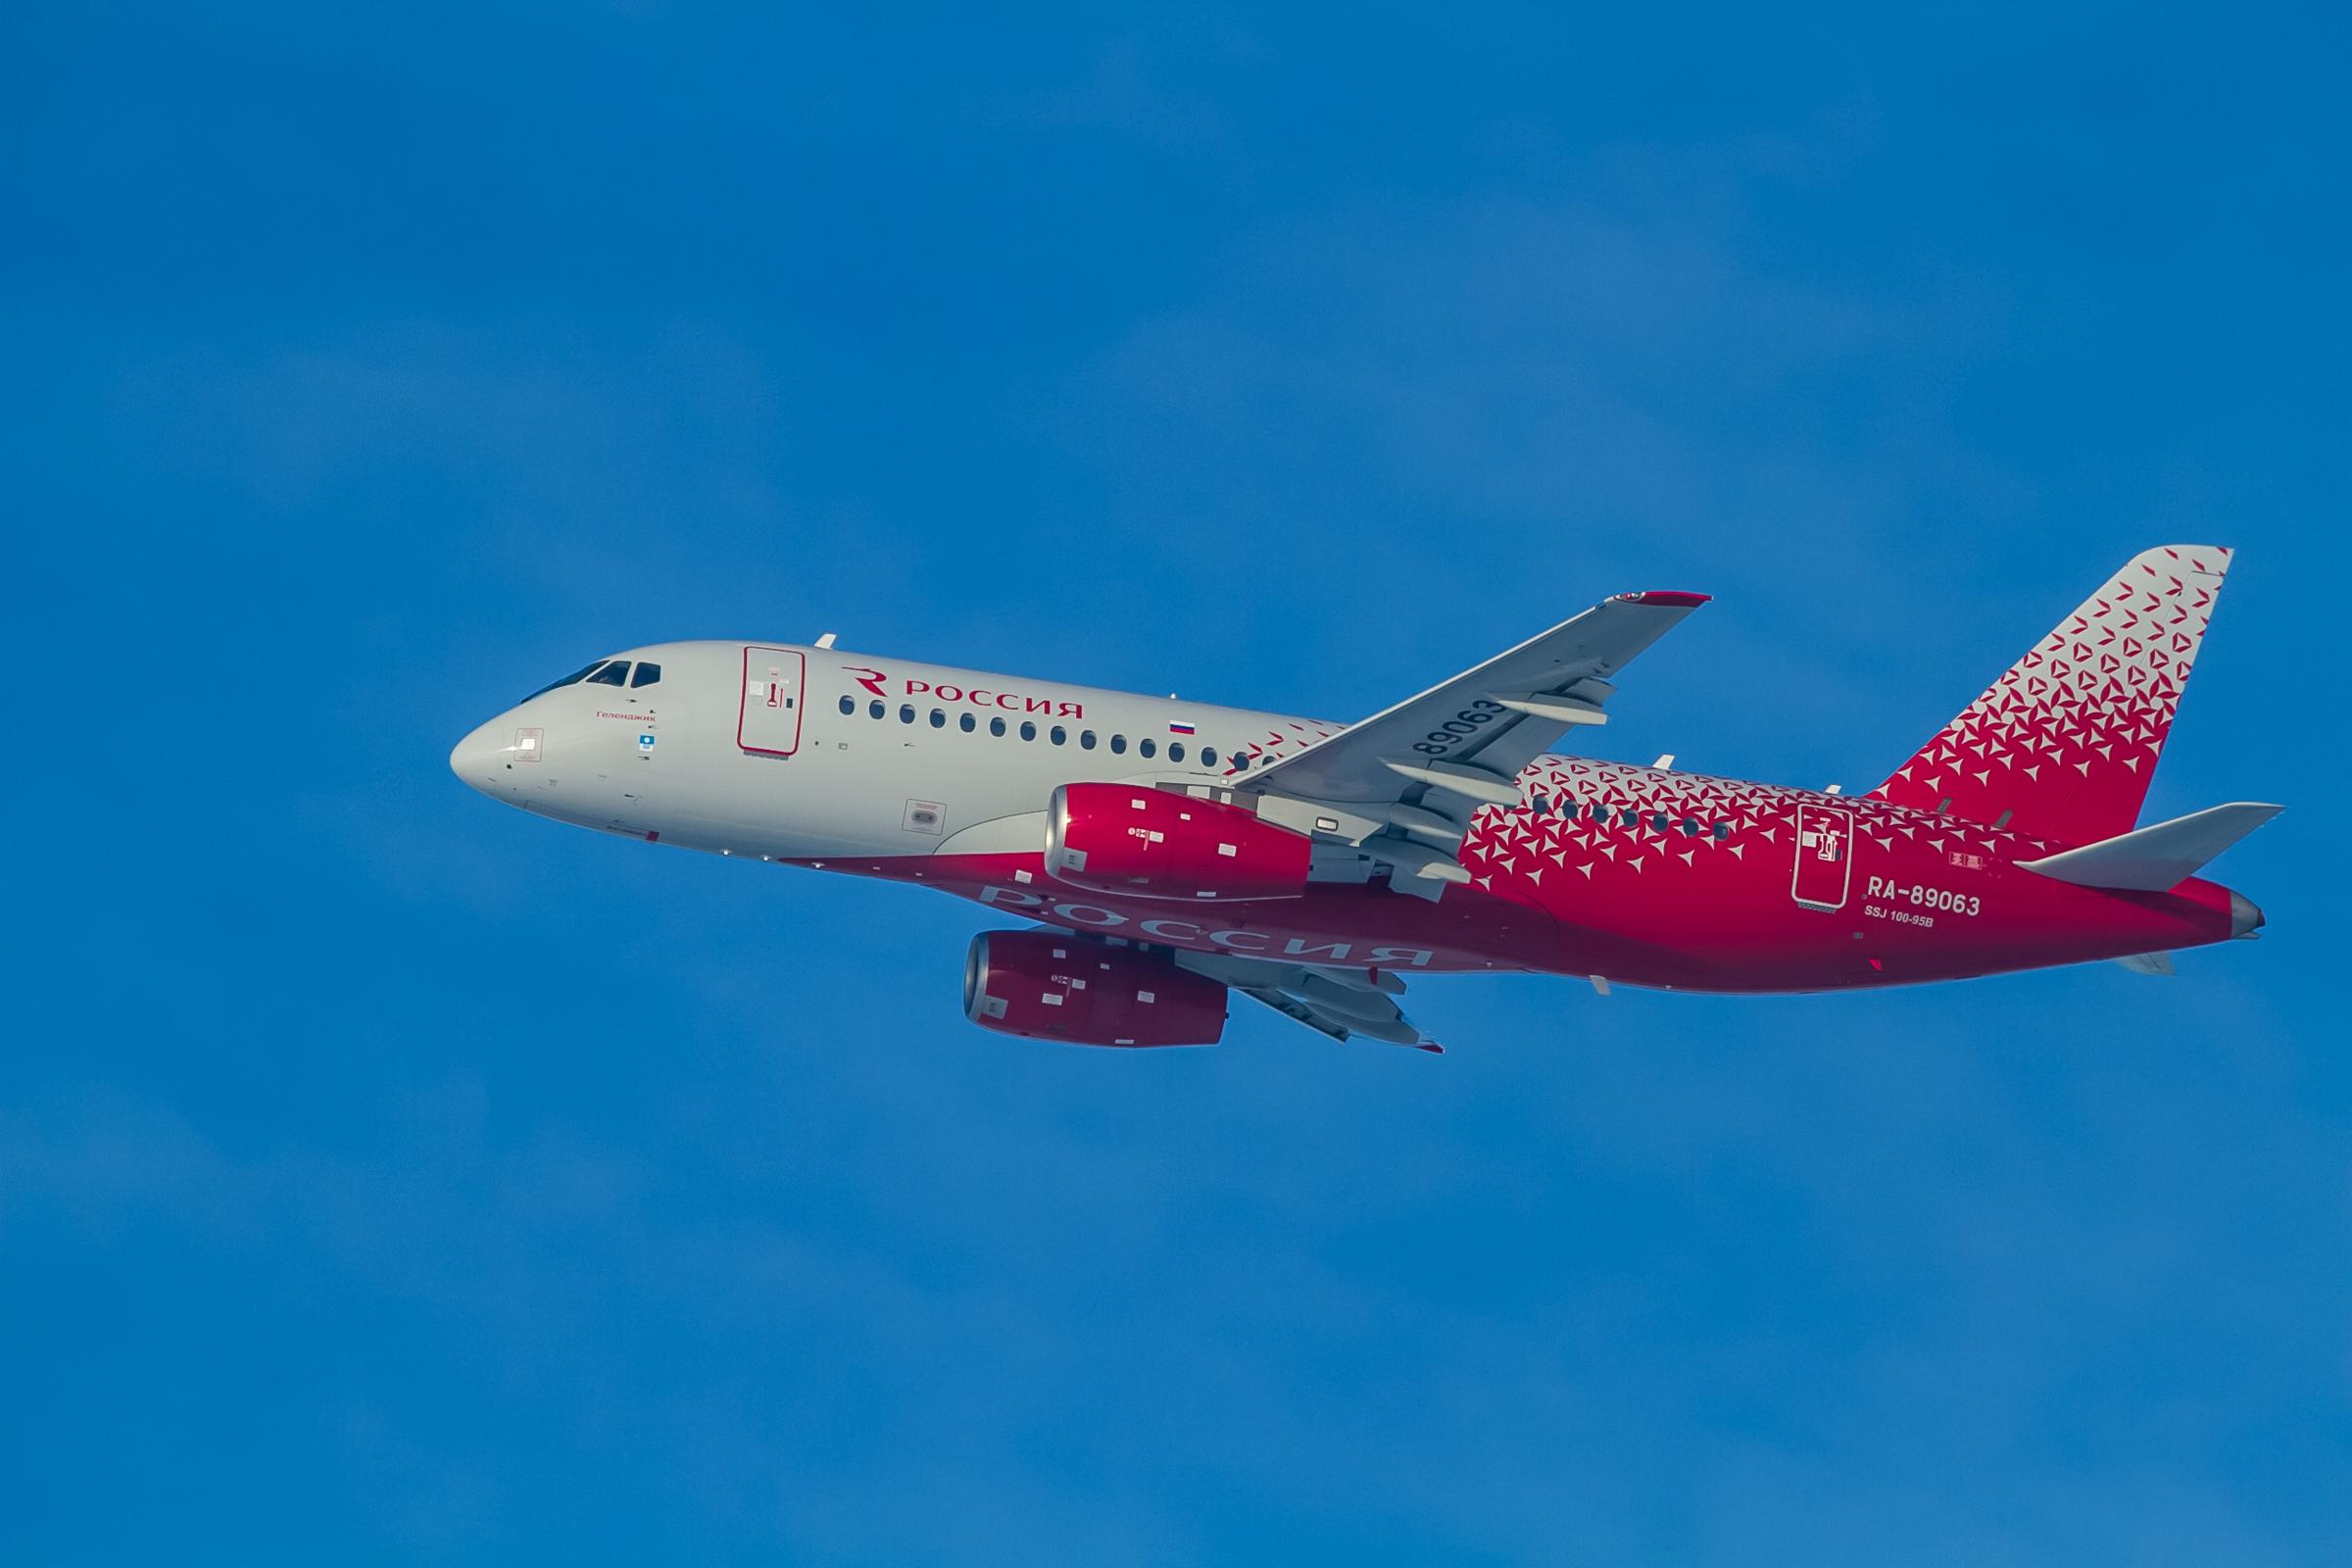 Авиакомпания назвала самолет в честь Геленджика